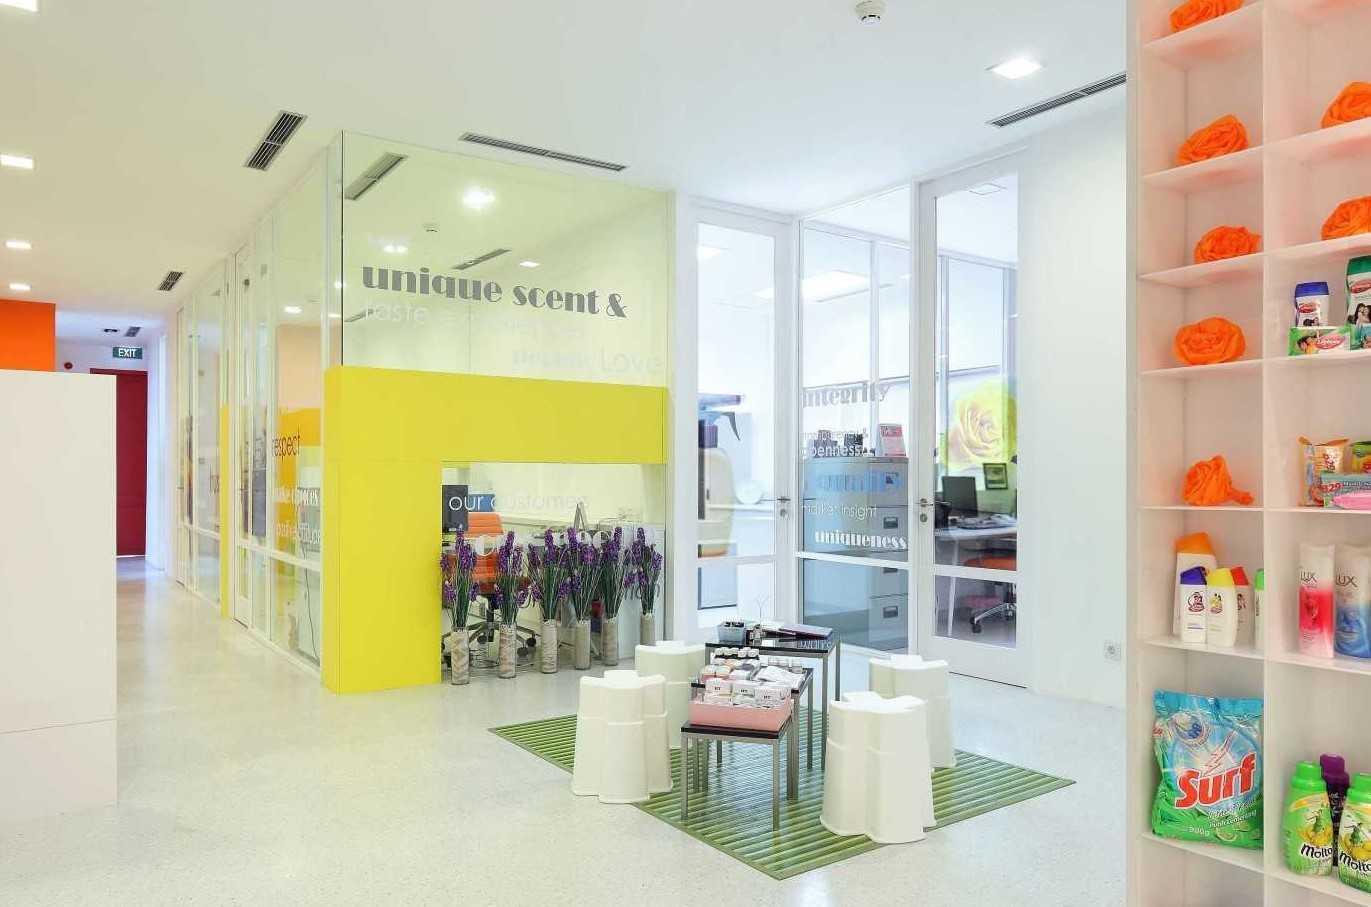 Foto inspirasi ide desain display area 2 oleh Atelier Cosmas Gozali di Arsitag